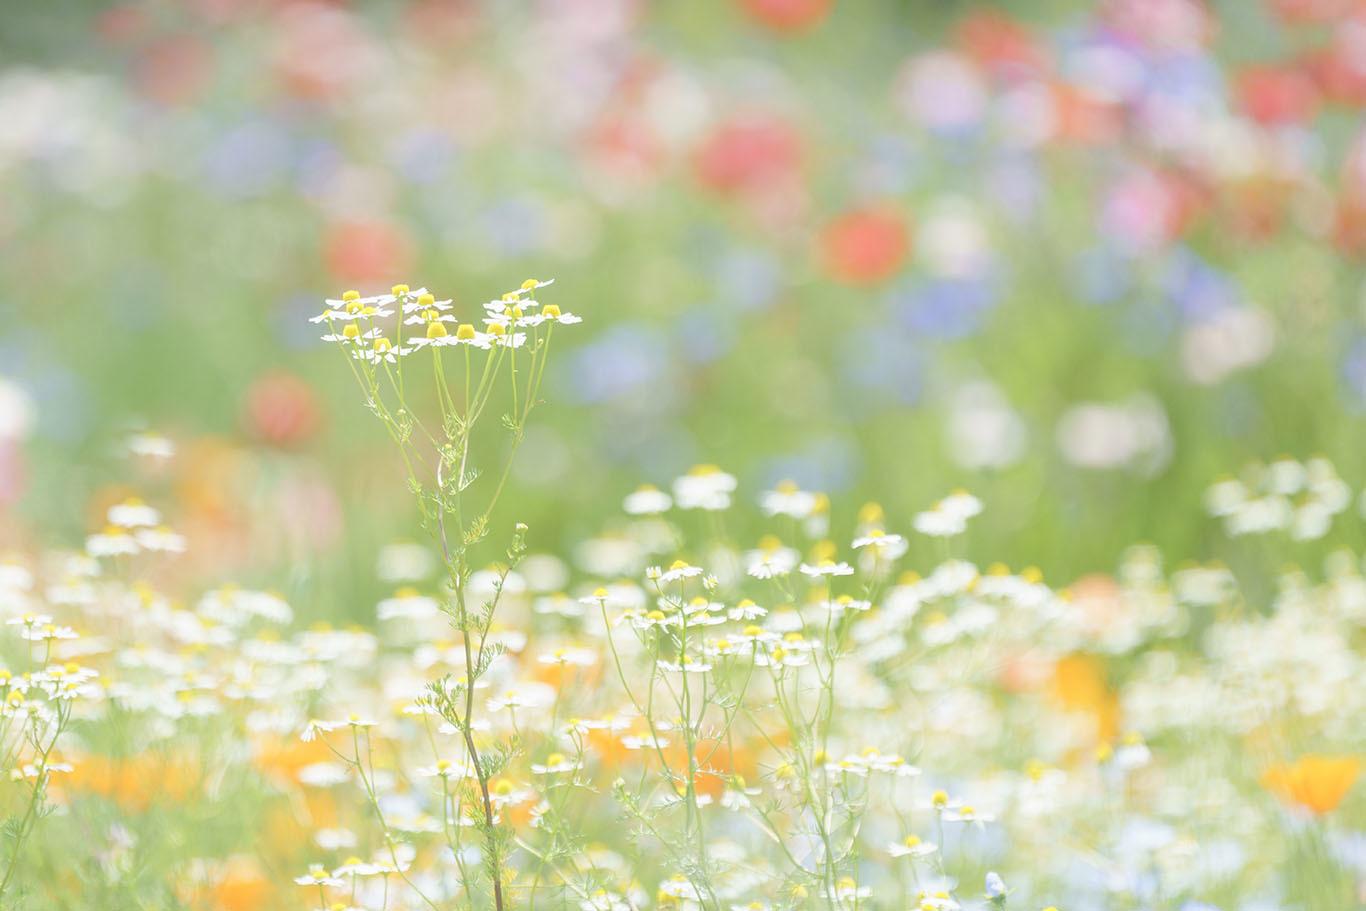 スイスのお花畑のようだった昭和...